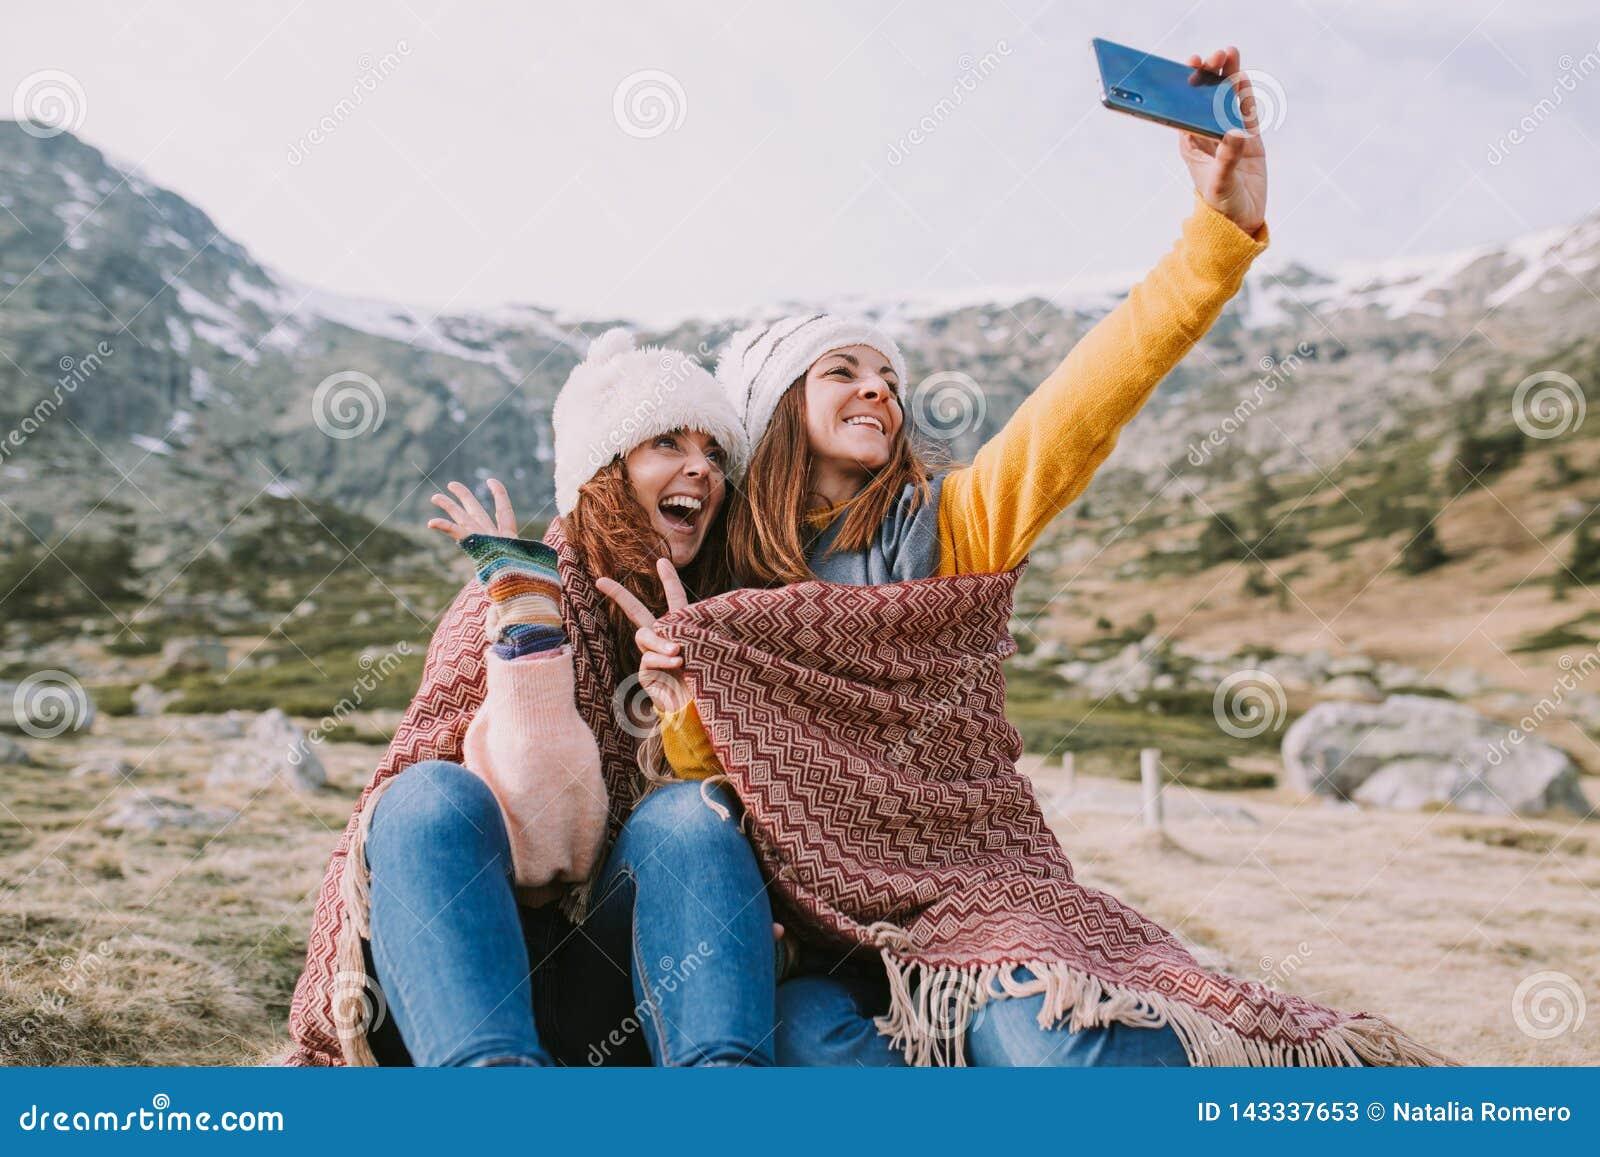 Dwa dziewczyny siedzą w łące i biorą obrazek z ich wiszącą ozdobą